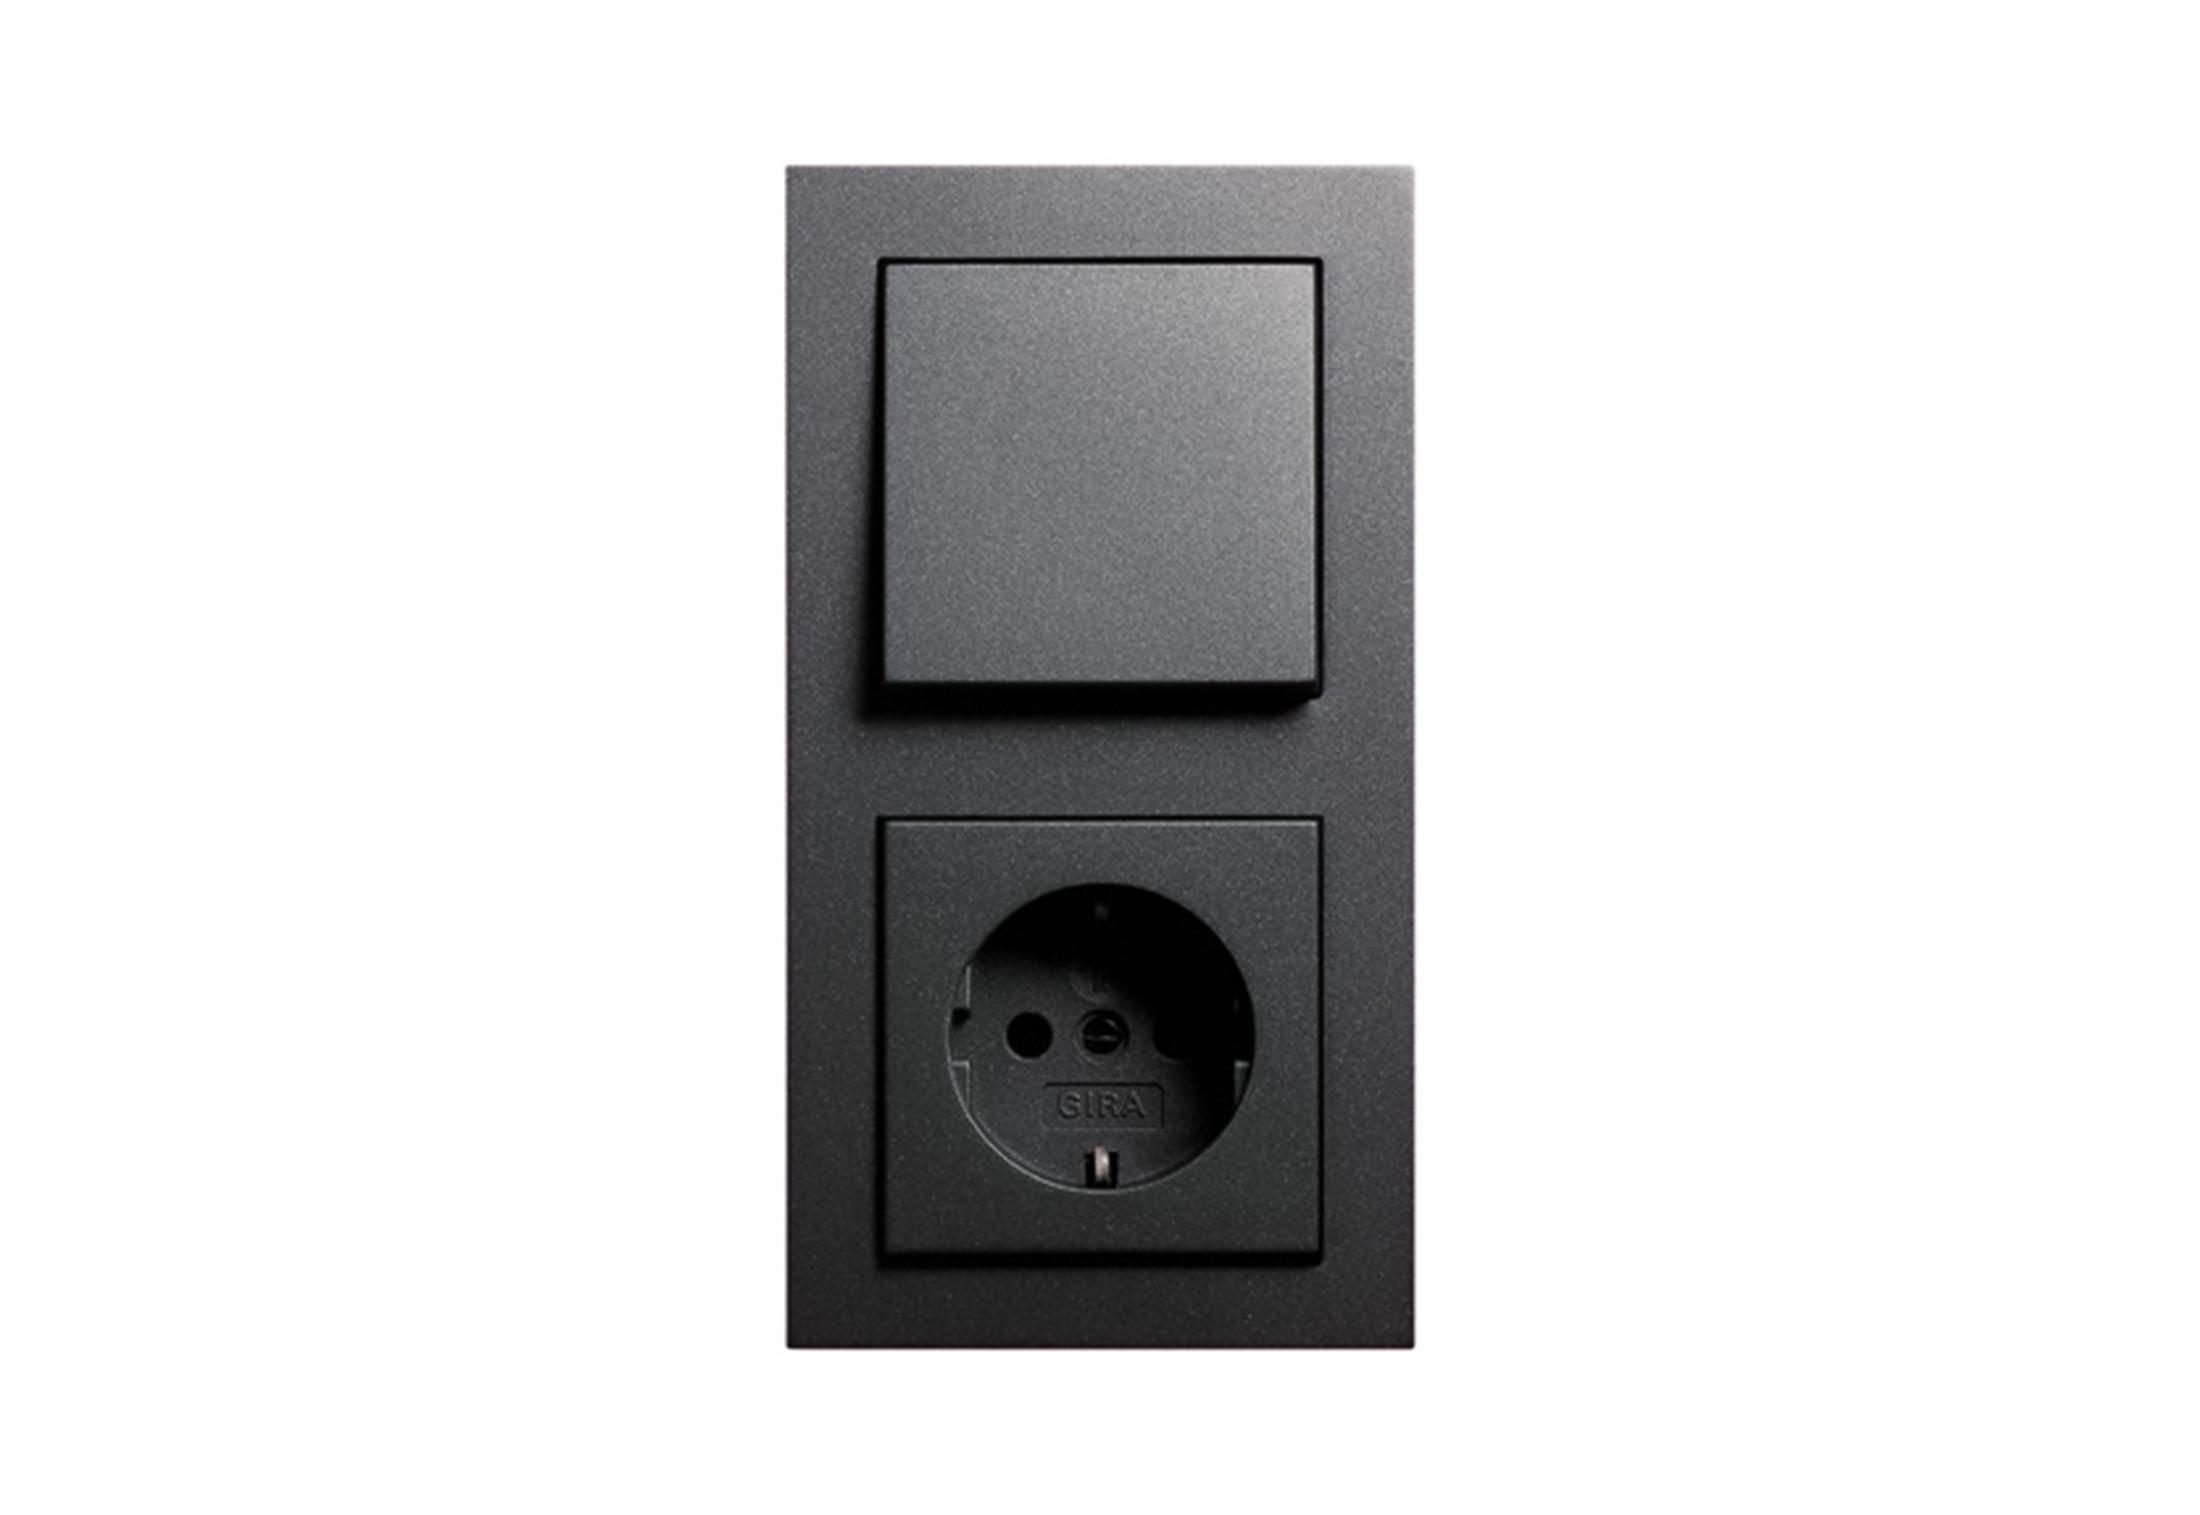 Super E2 Schalter / Steckdose von Gira | STYLEPARK BX08